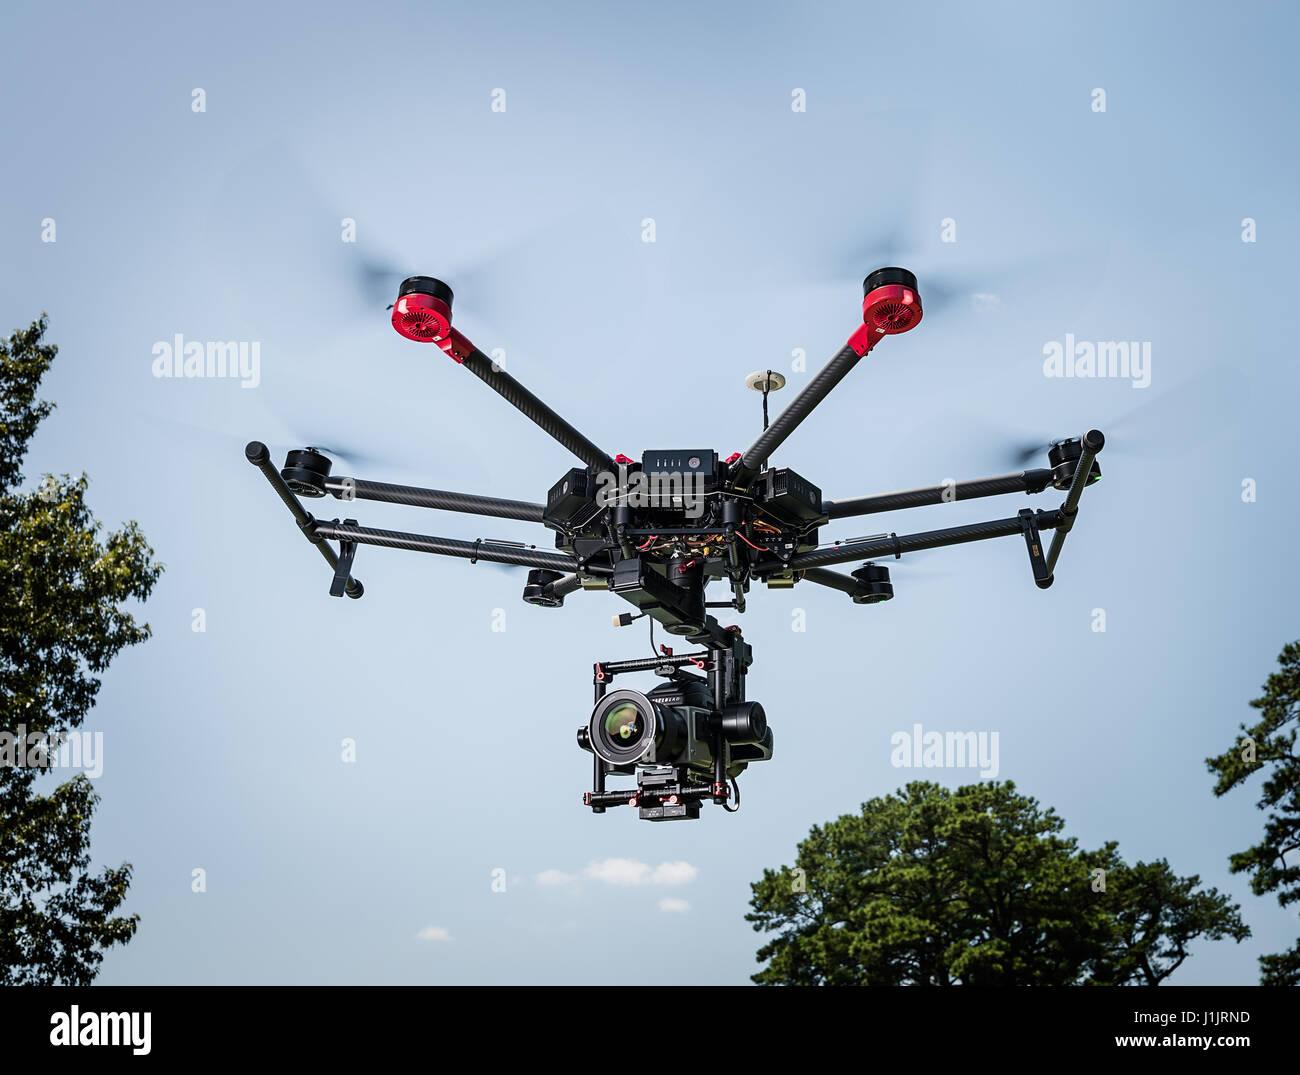 DJI Matrice 600 flying - Stock Image